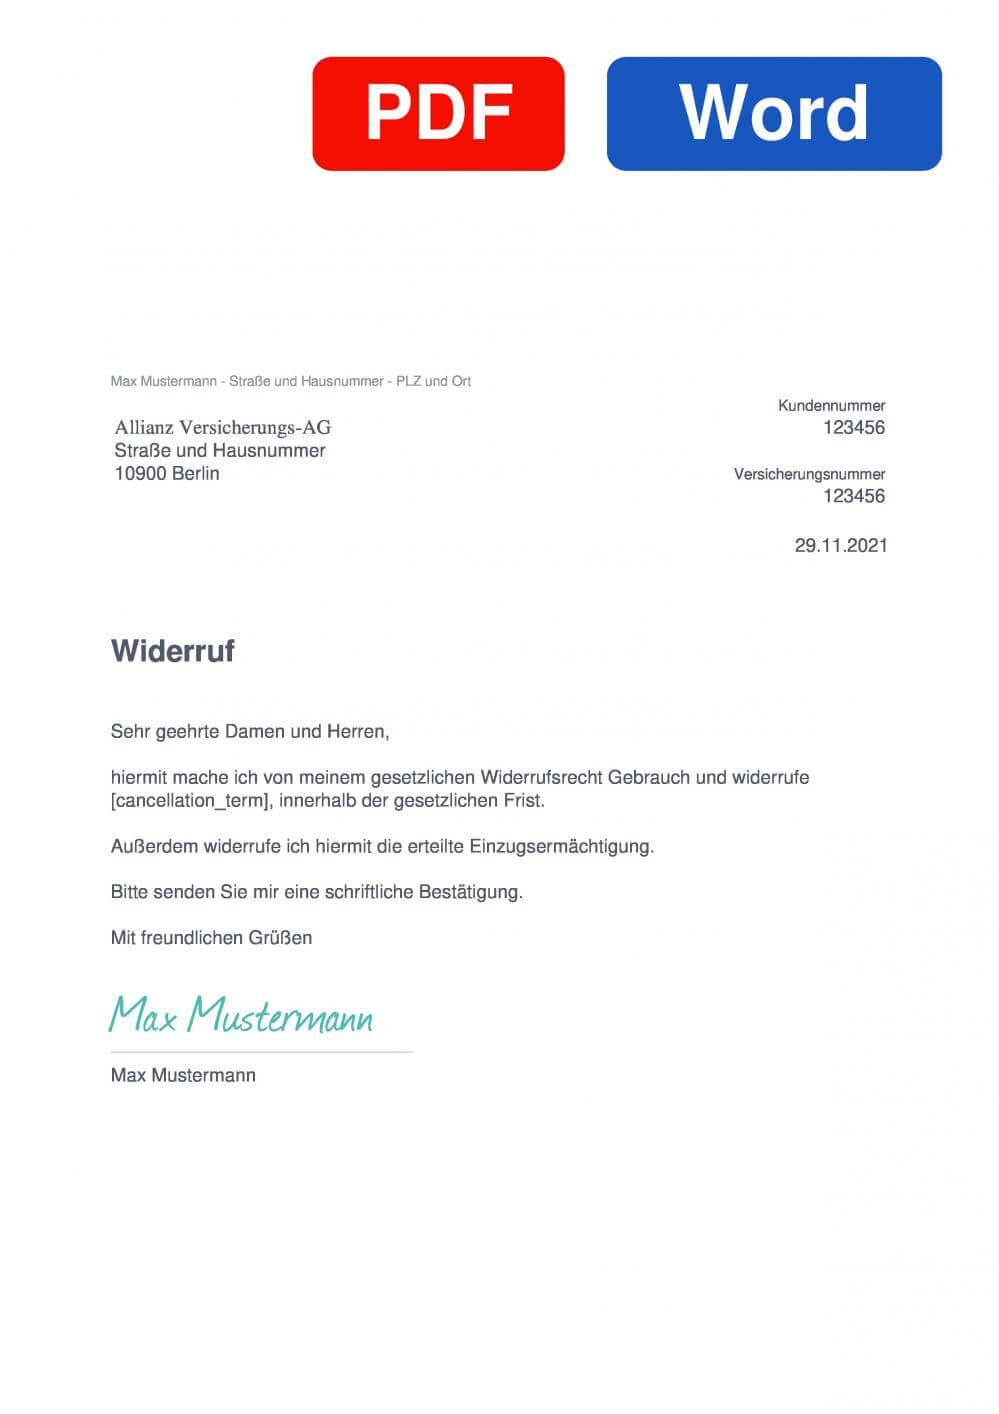 Allianz Versicherung Muster Vorlage für Wiederrufsschreiben